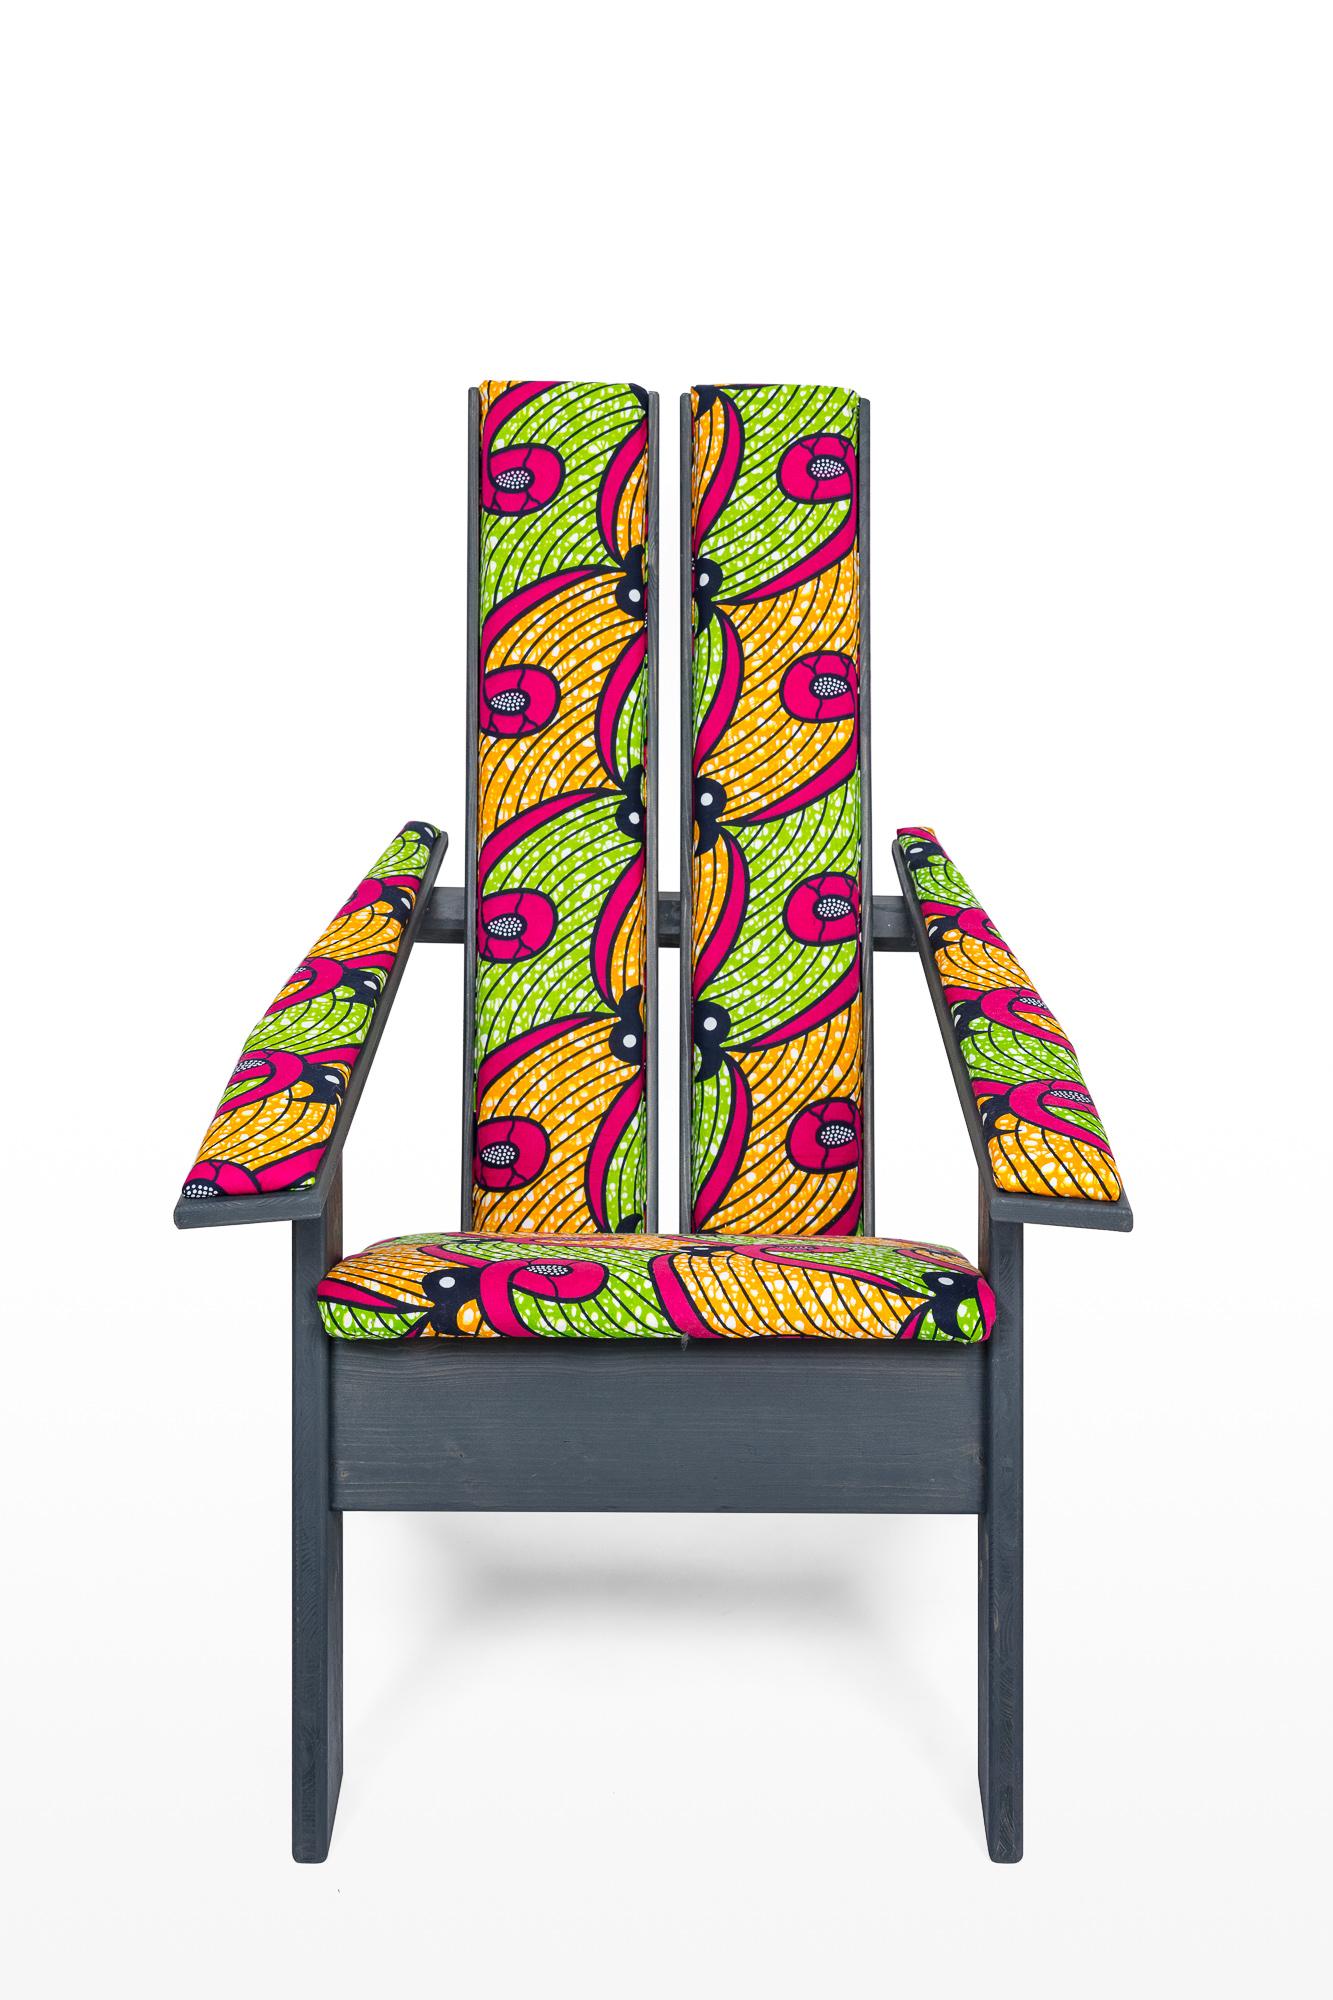 2018_12_14_Newport Chair Weihnachtsmarkt Edition_001_web.jpg